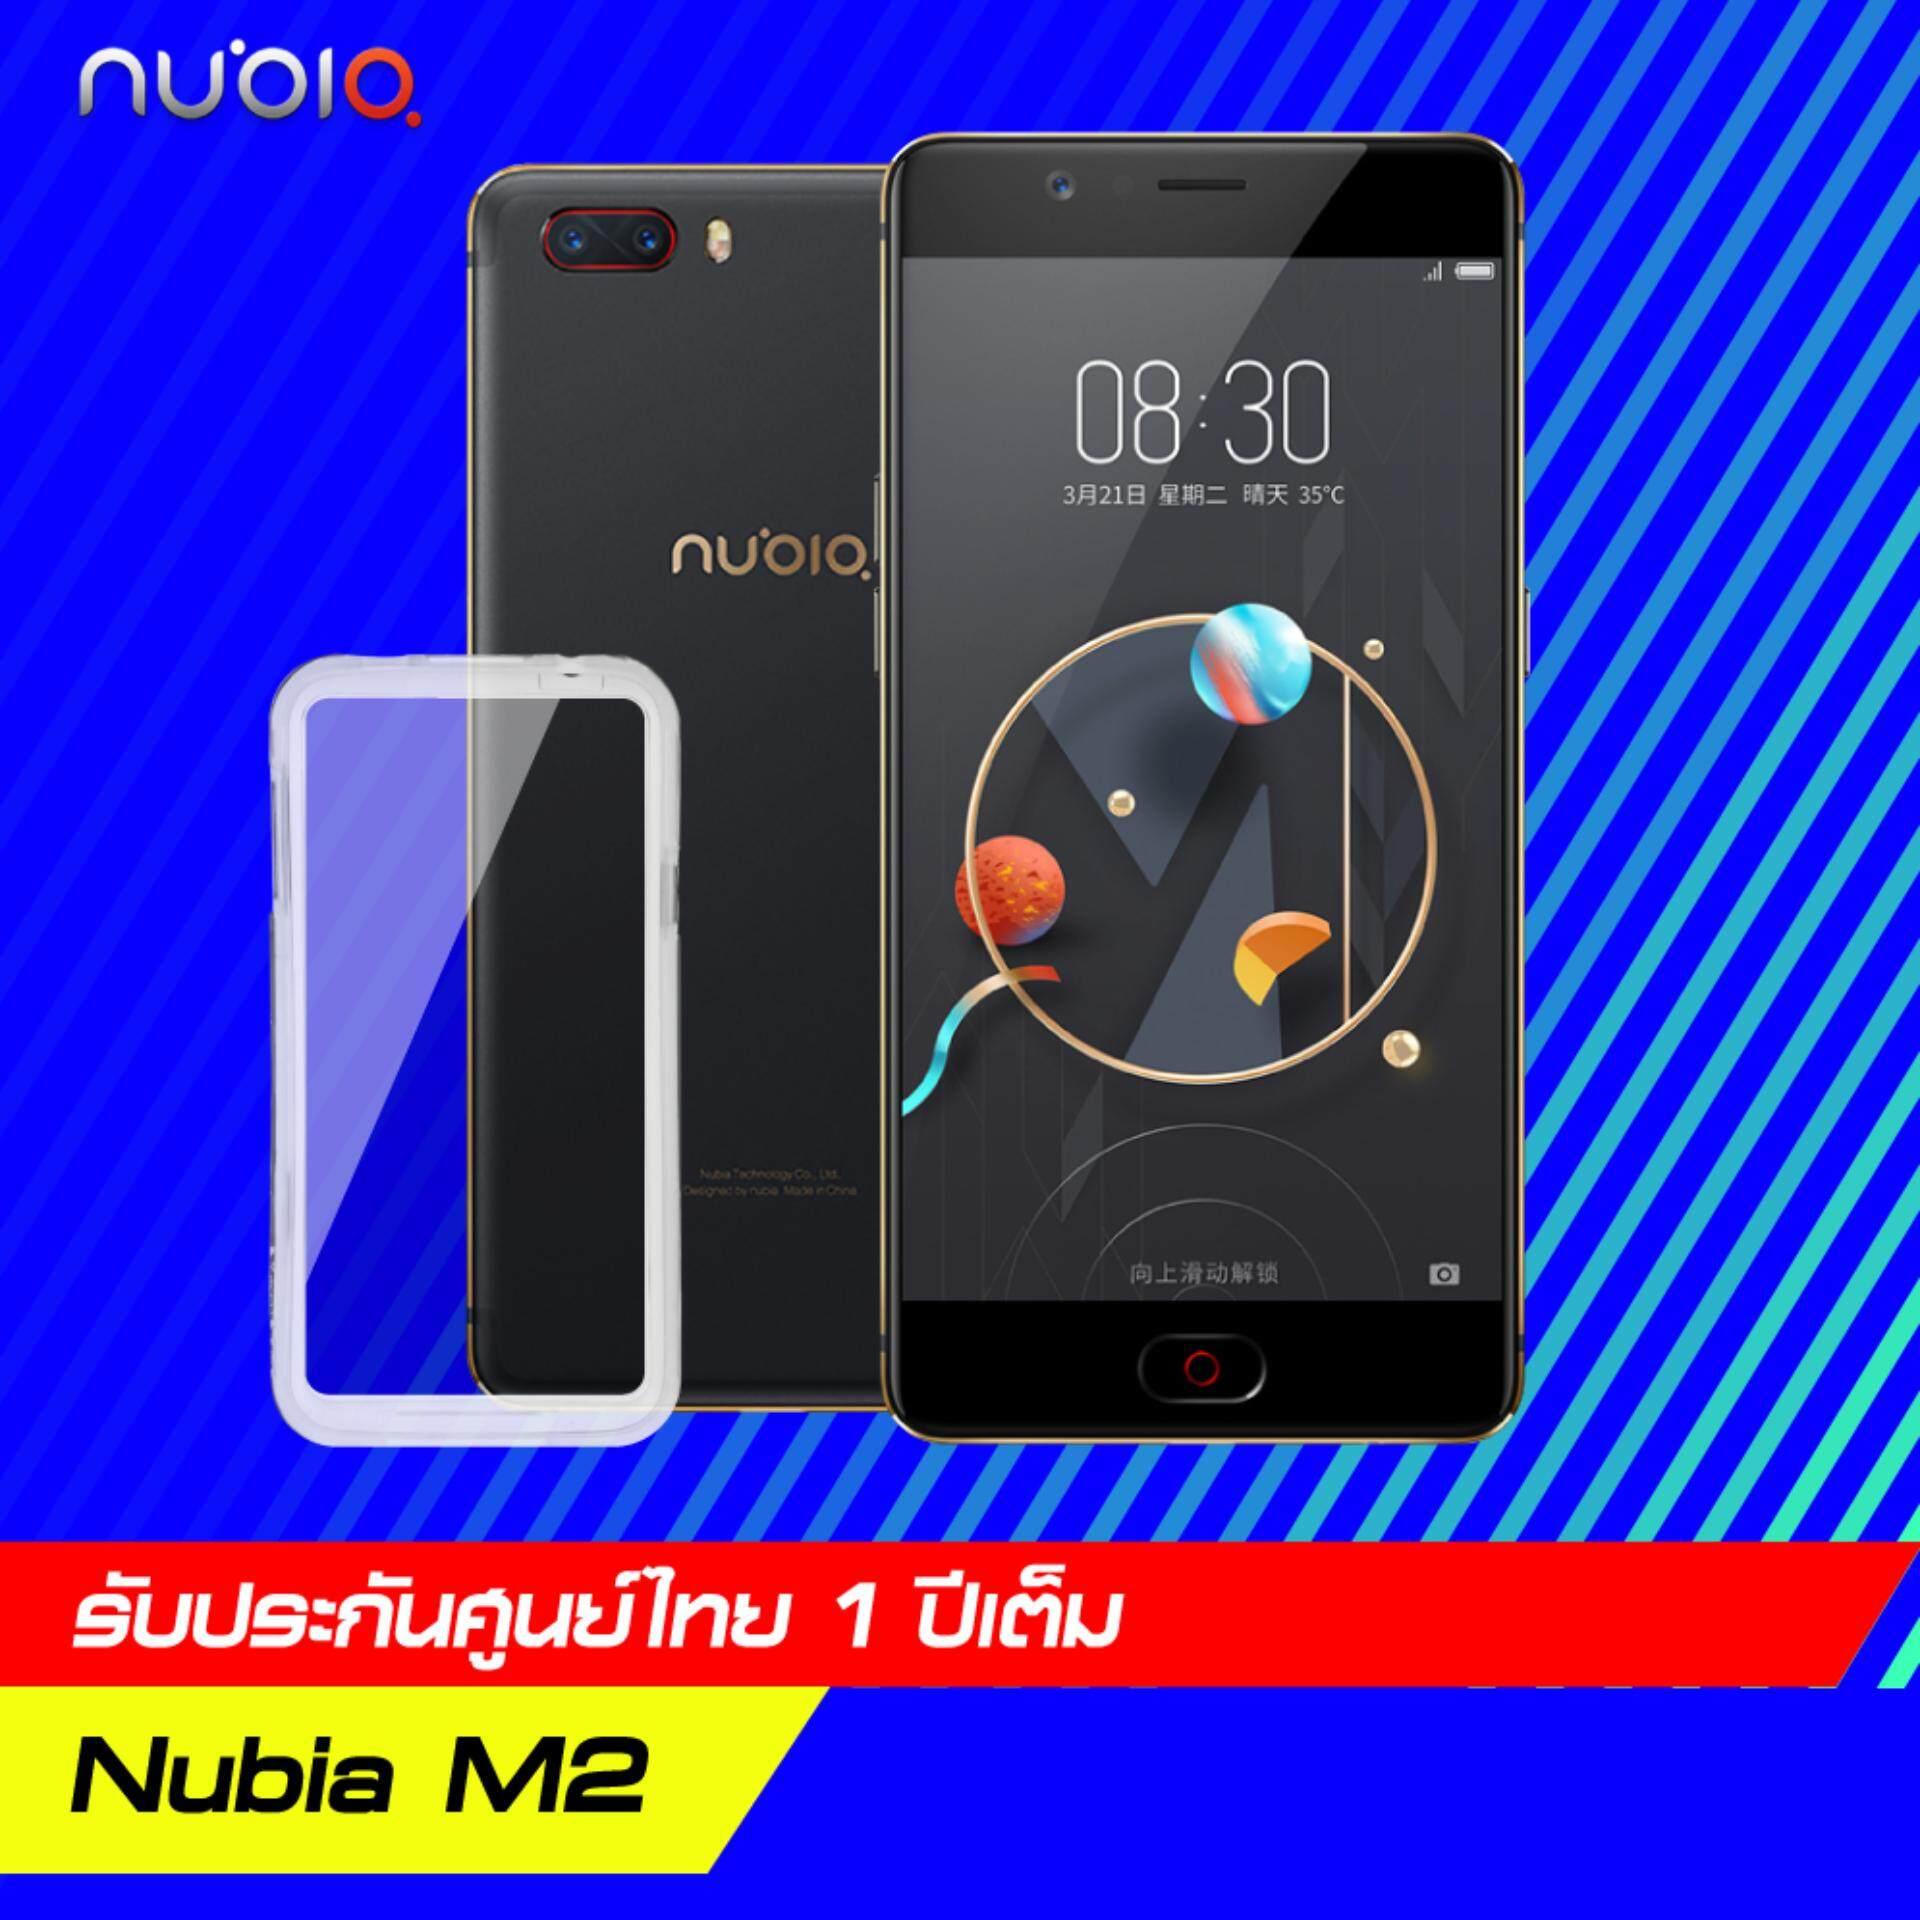 ราคา Nubia M2 4 64Gb พร้อมเคสกันกระแทก มูลค่า 199 รับประกันศูนย์ไทย 1 ปีเต็ม Nubia กรุงเทพมหานคร